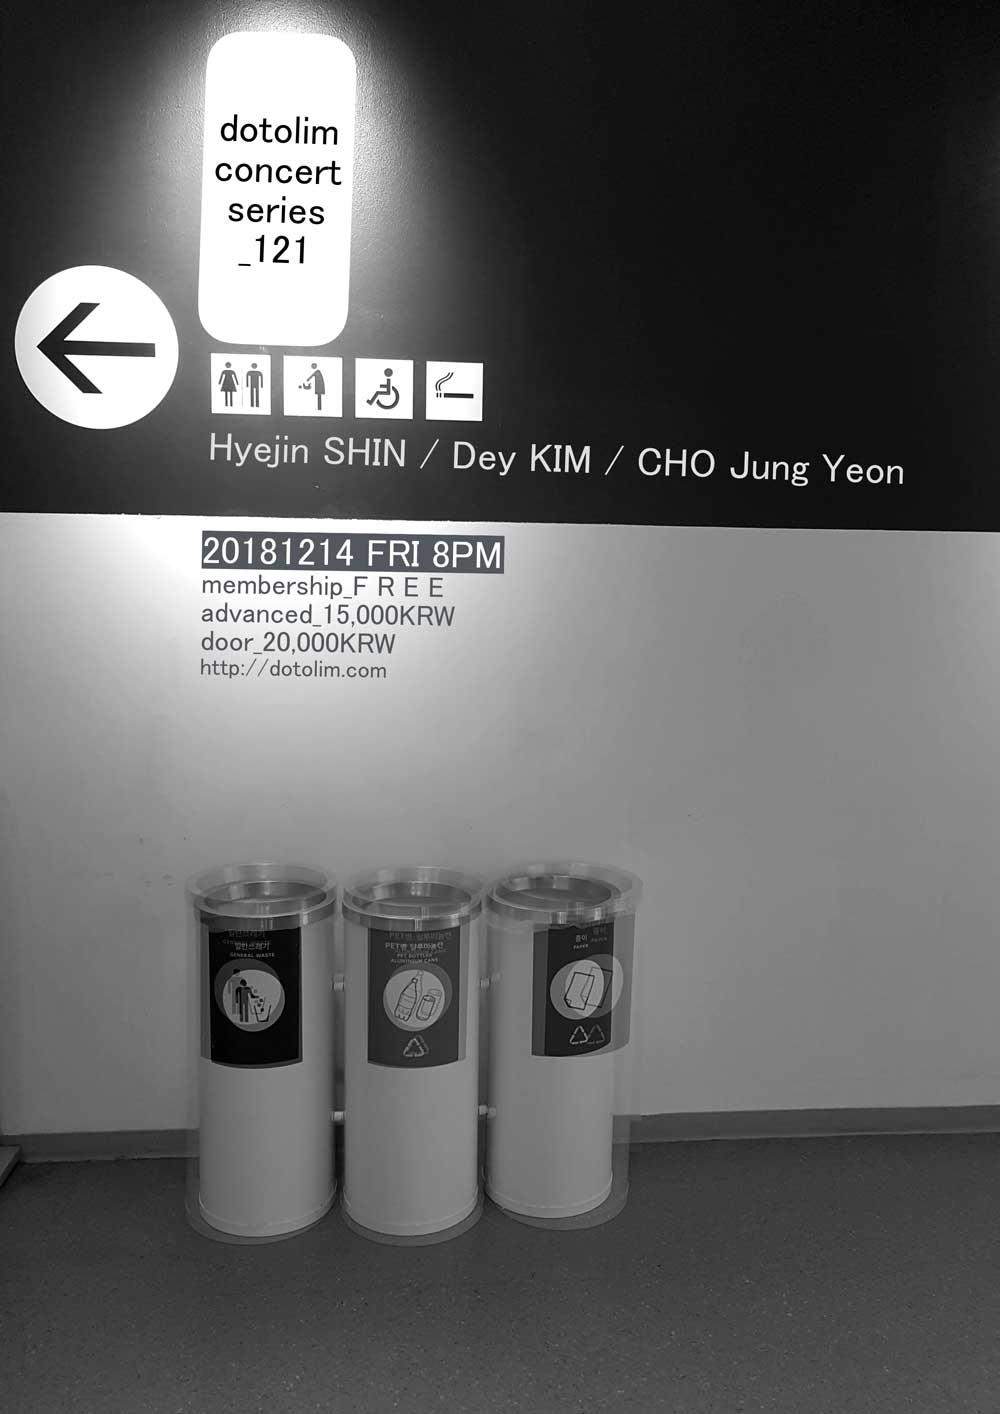 닻올림 연주회_121 김대희 Dey KIM / 신혜진 Hyejin SHIN / 조정연 CHO Jungyeon